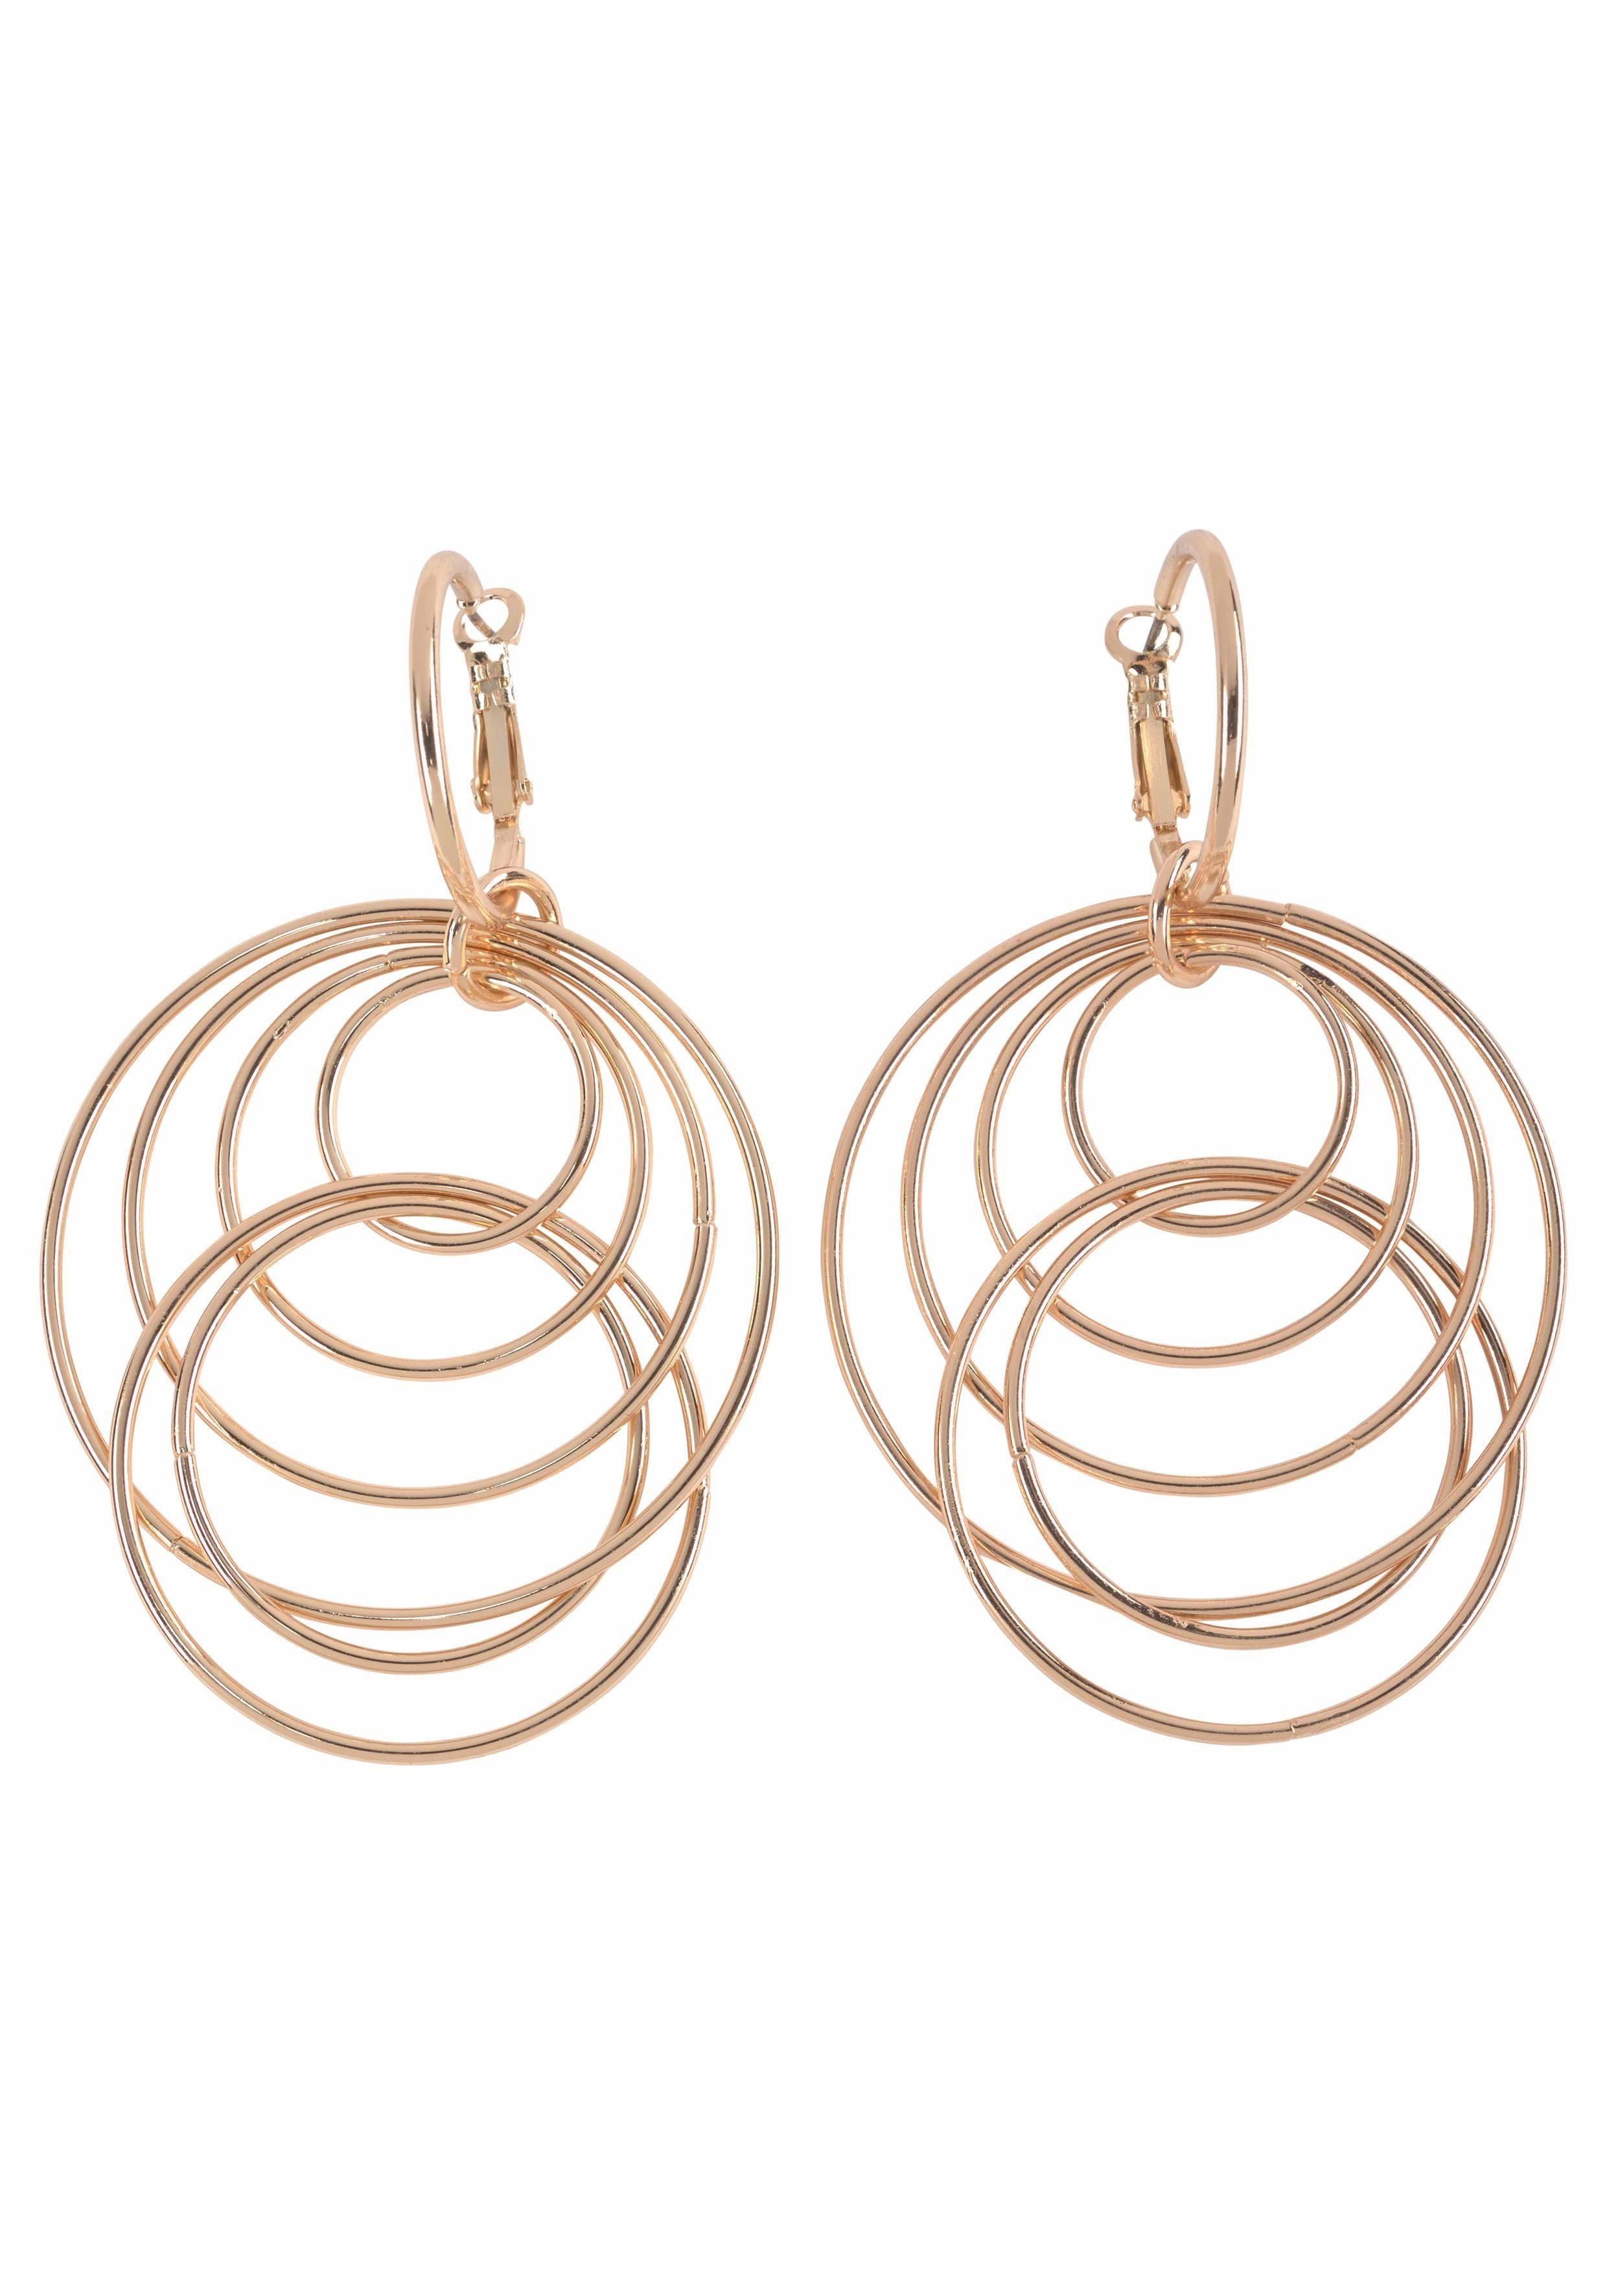 J.Jayz Paar Ohrhänger »mit beweglichen Ringen« im modischen Design